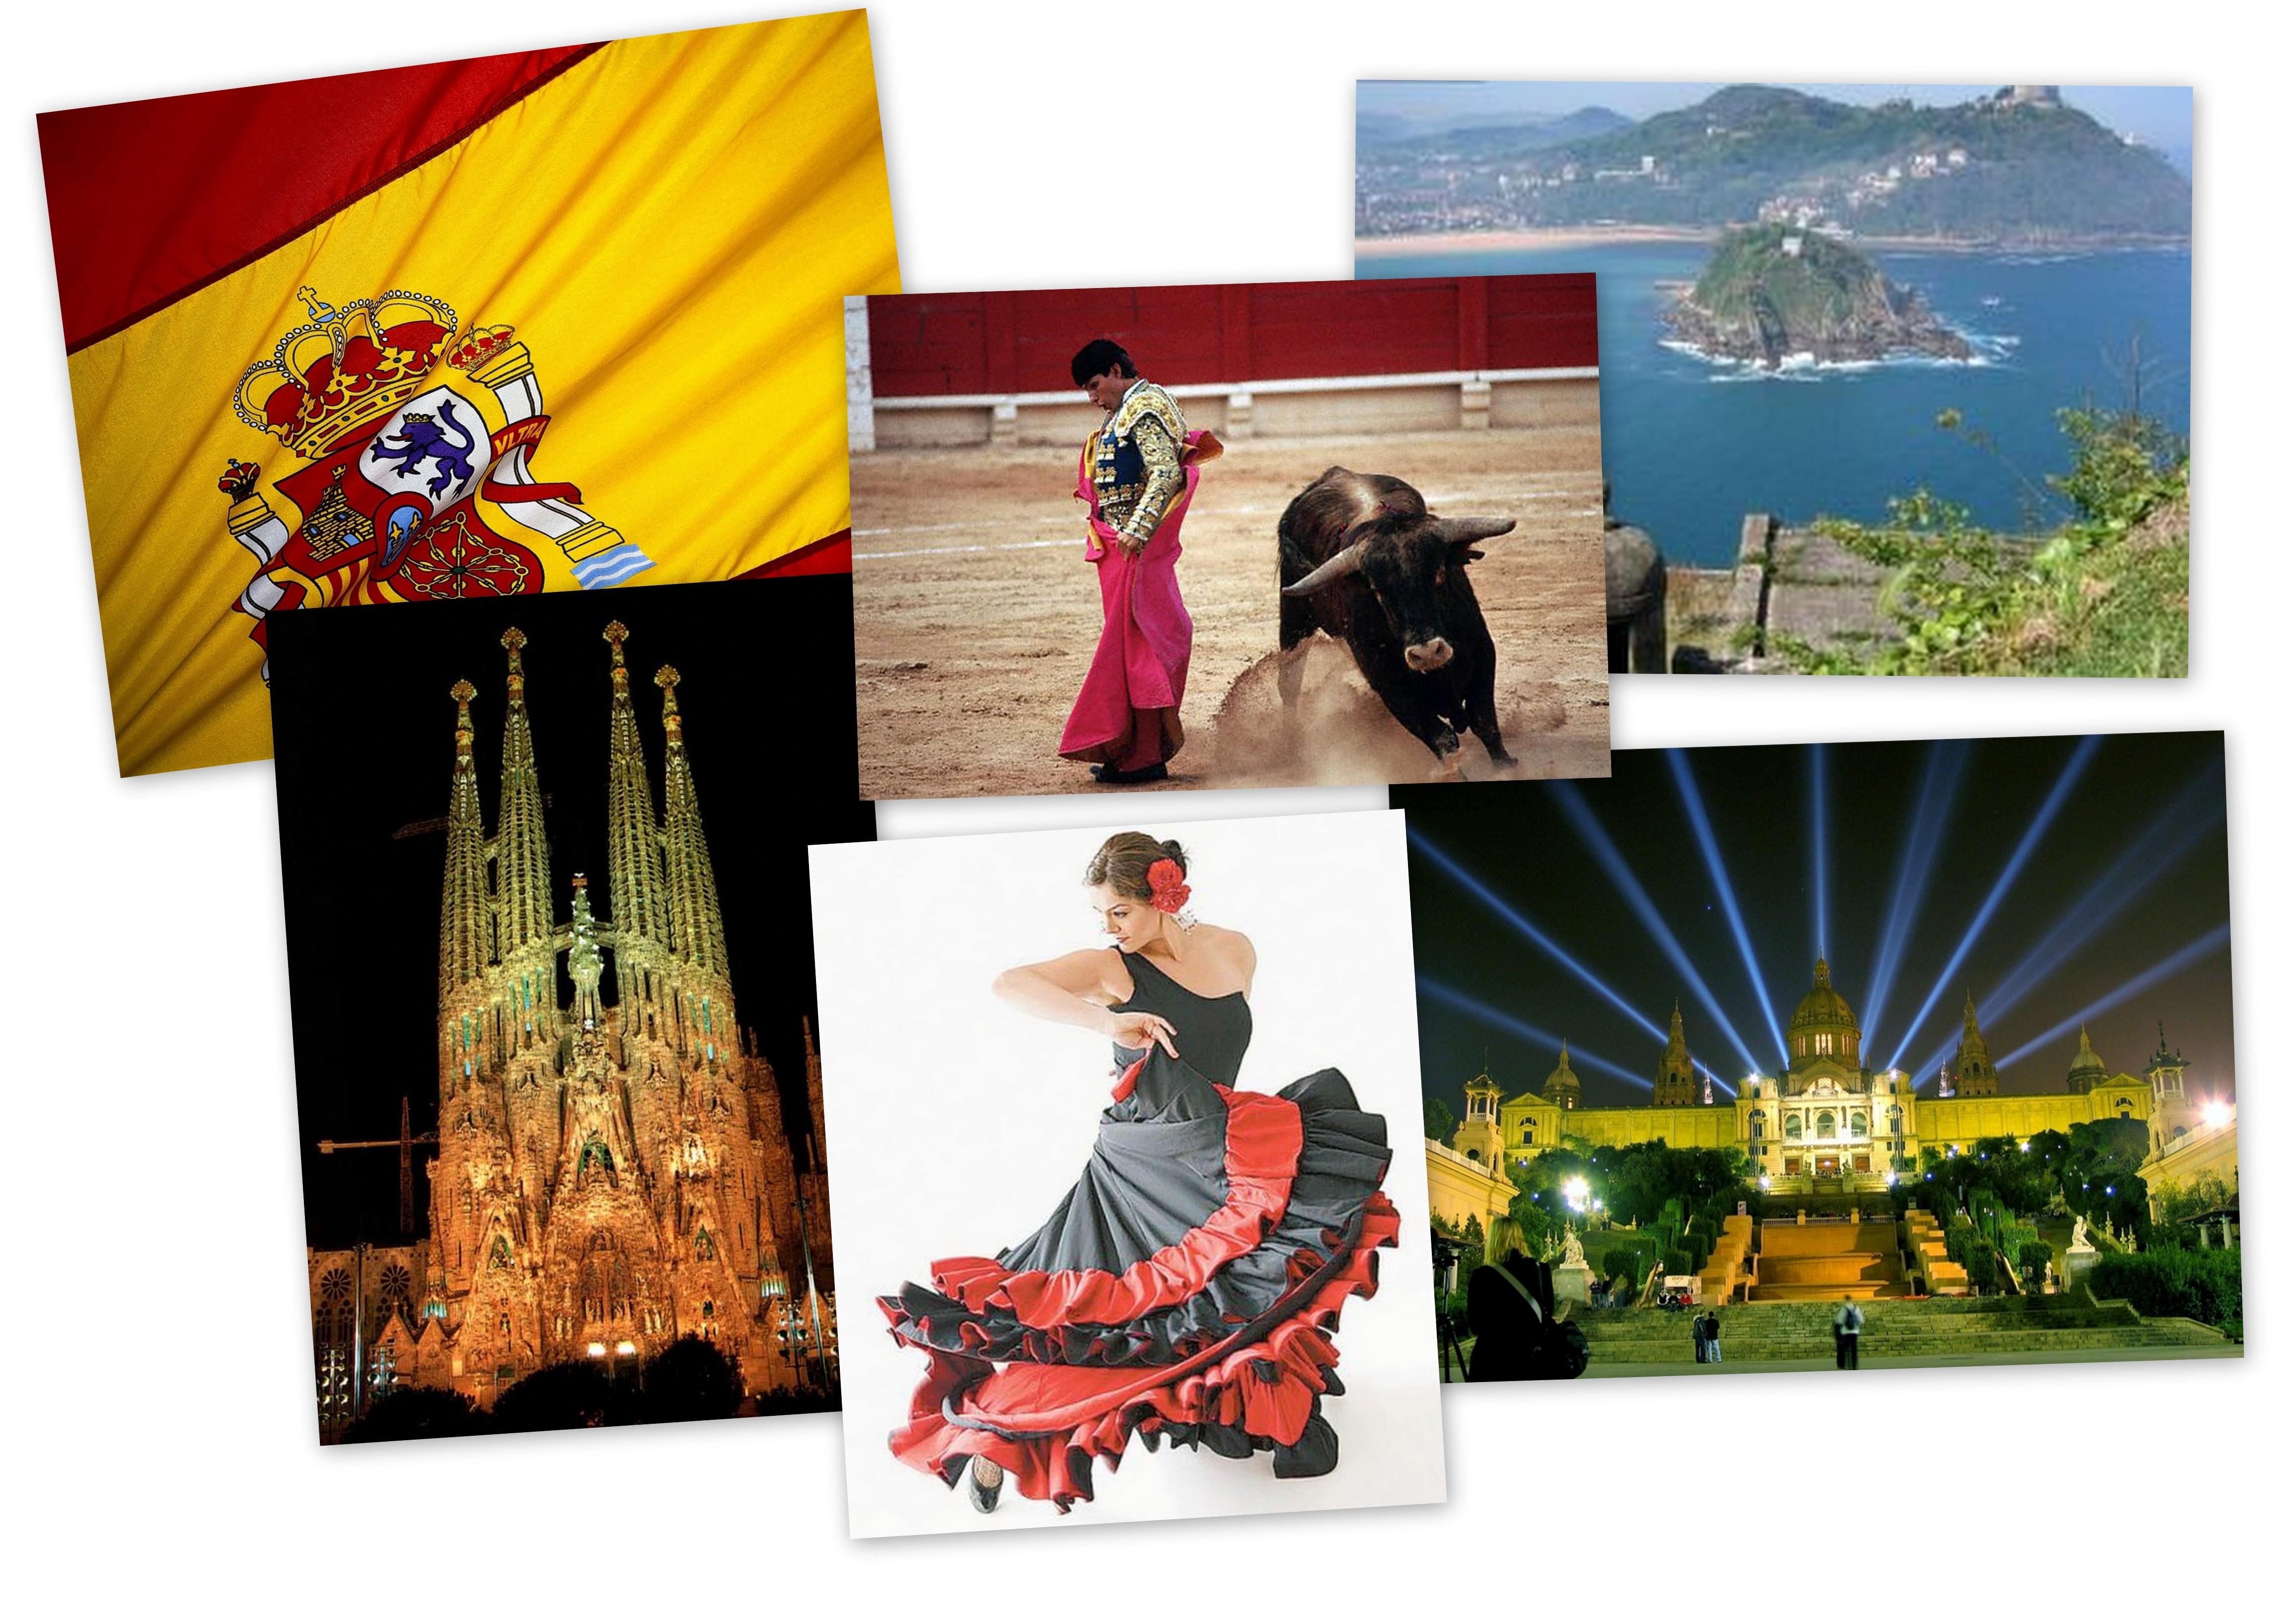 spanish 1.jpg испания